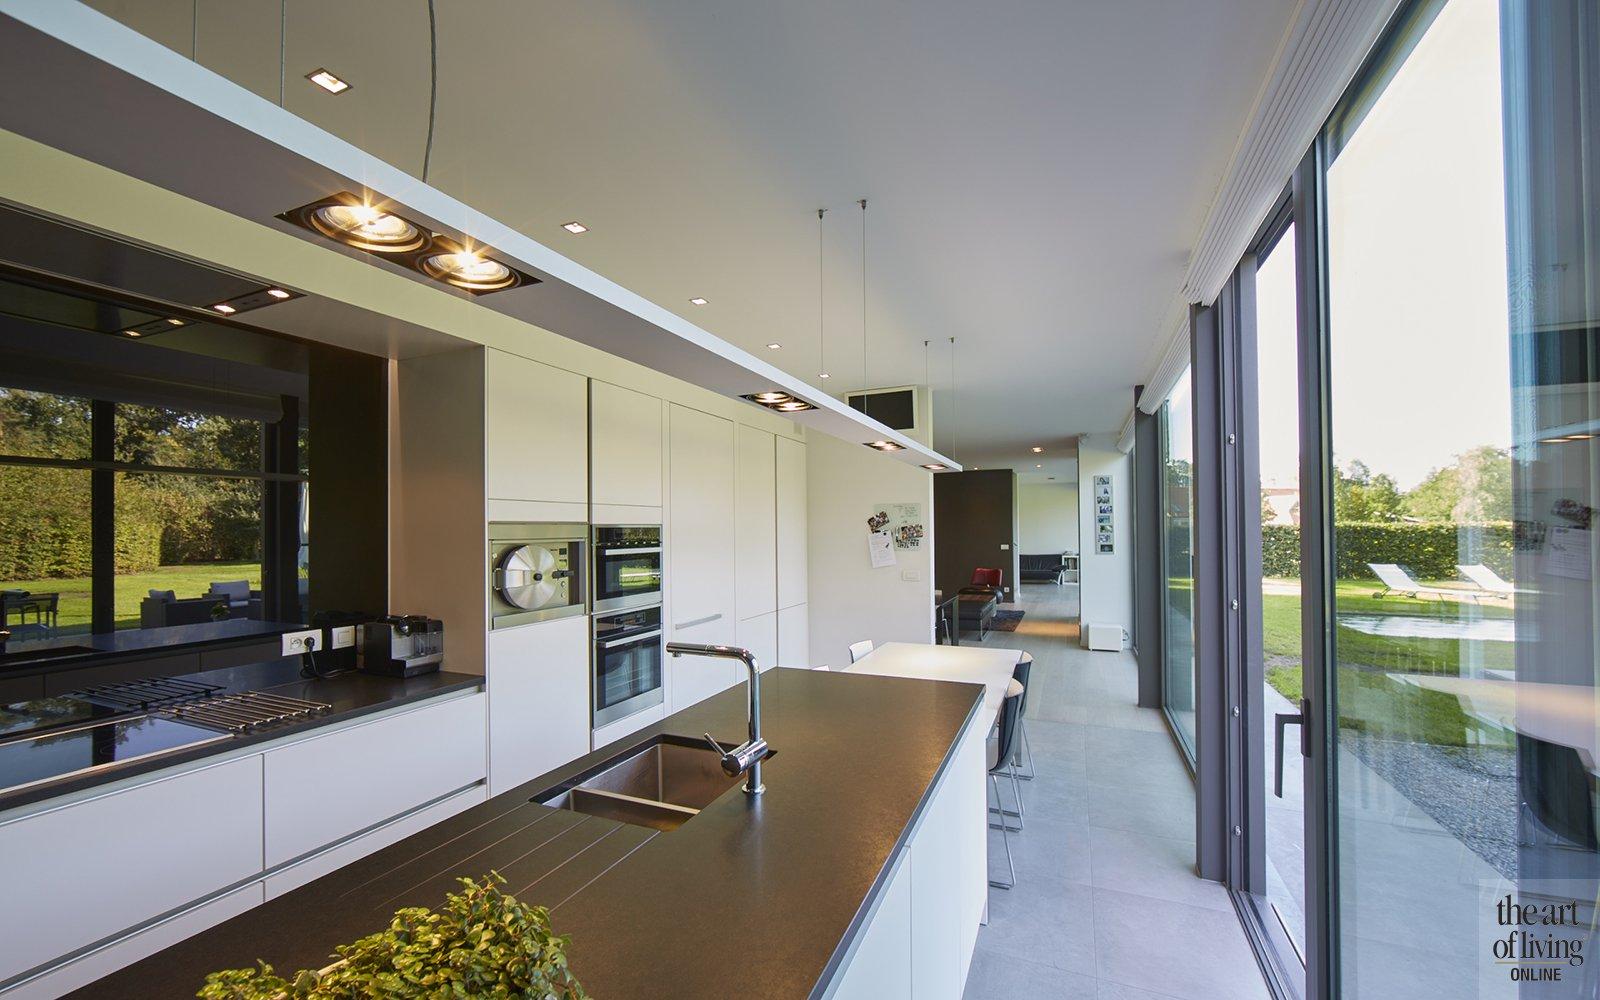 Nieuwbouwwoning, Schellen Architecten, Exterieur, Voorzijde, Privacy, Moderne woning, Tijdloze woning